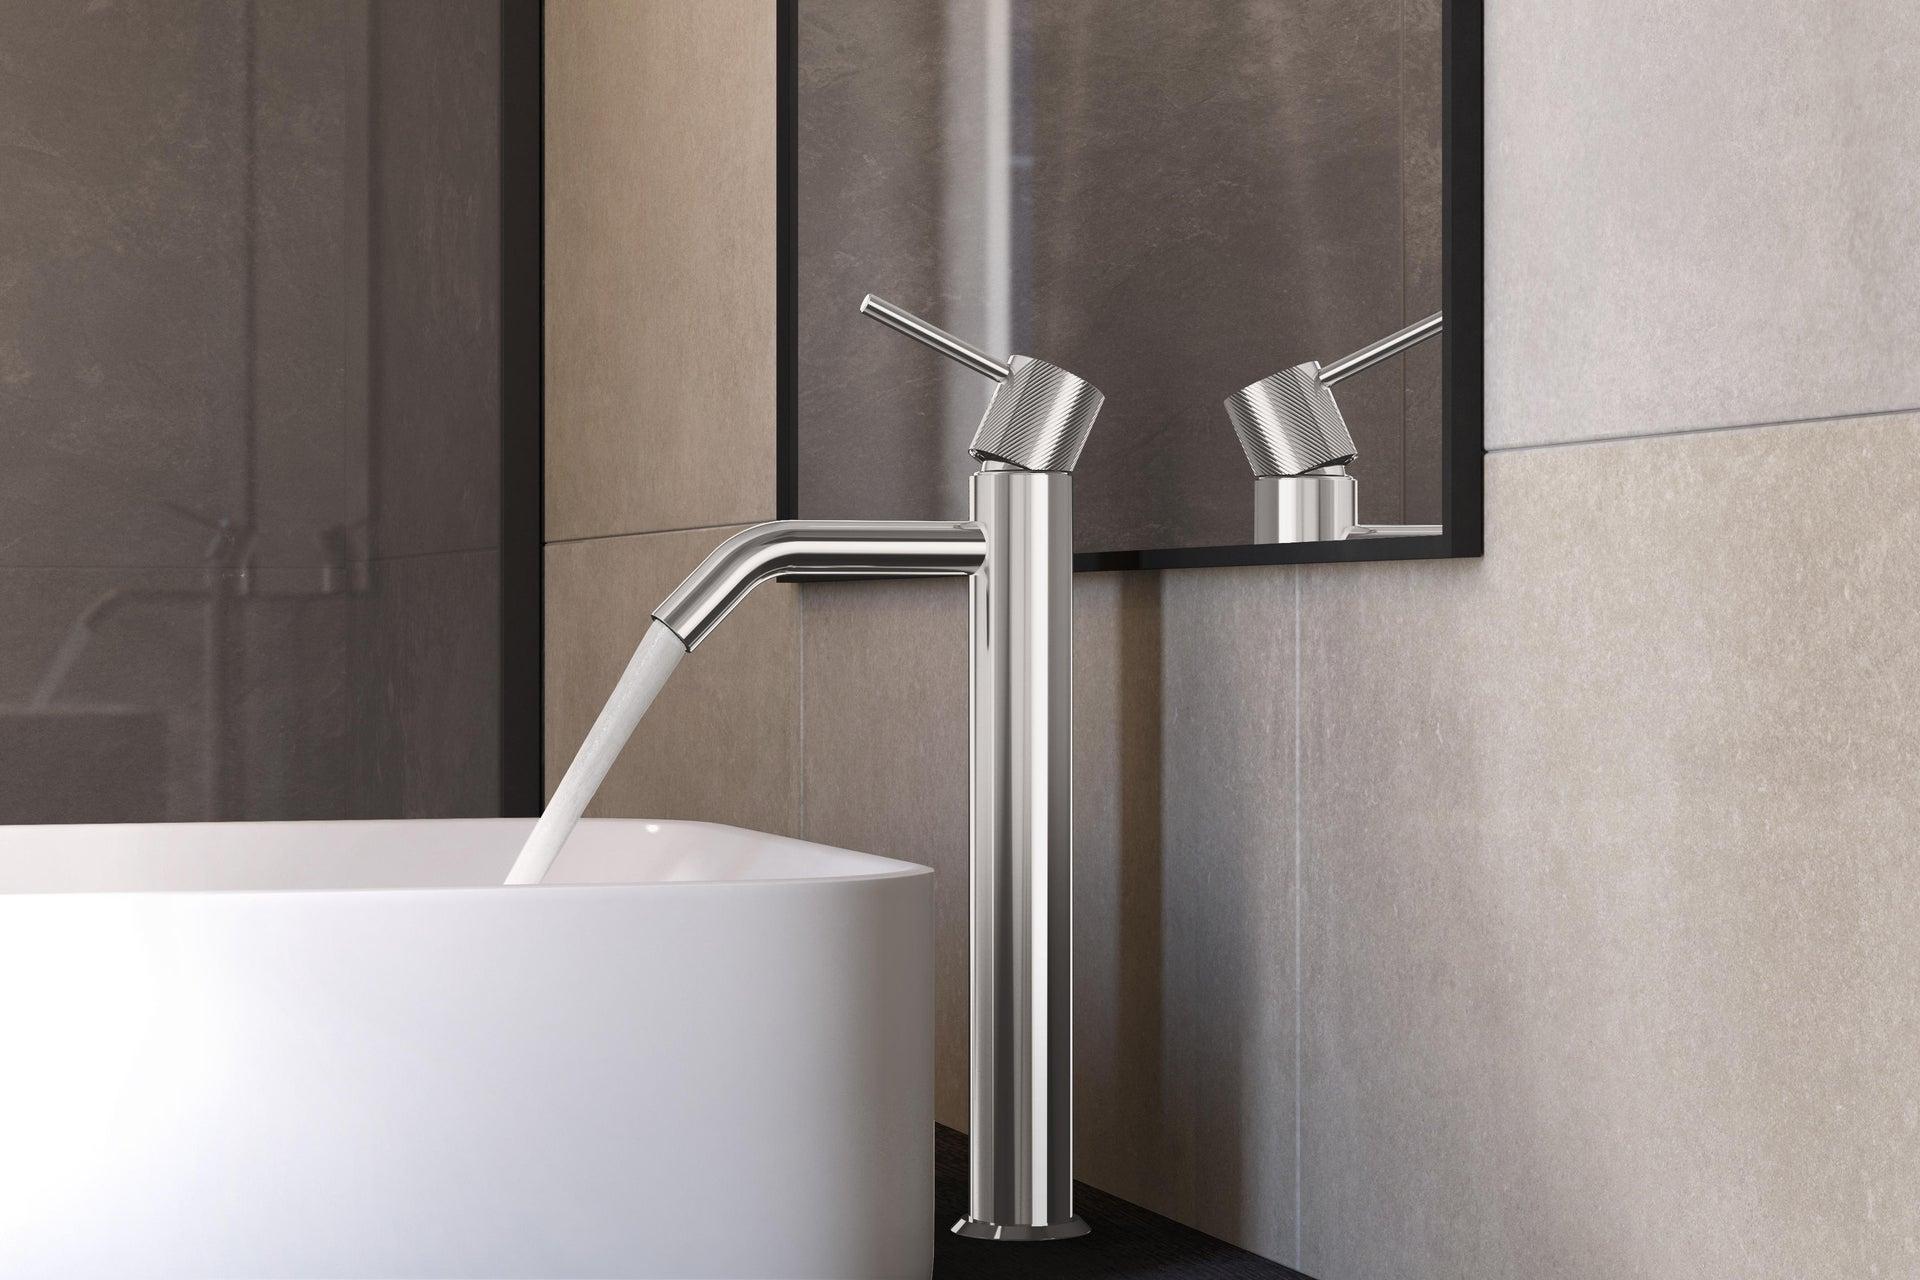 Rubinetto per lavabo Easy cromato SENSEA - 3